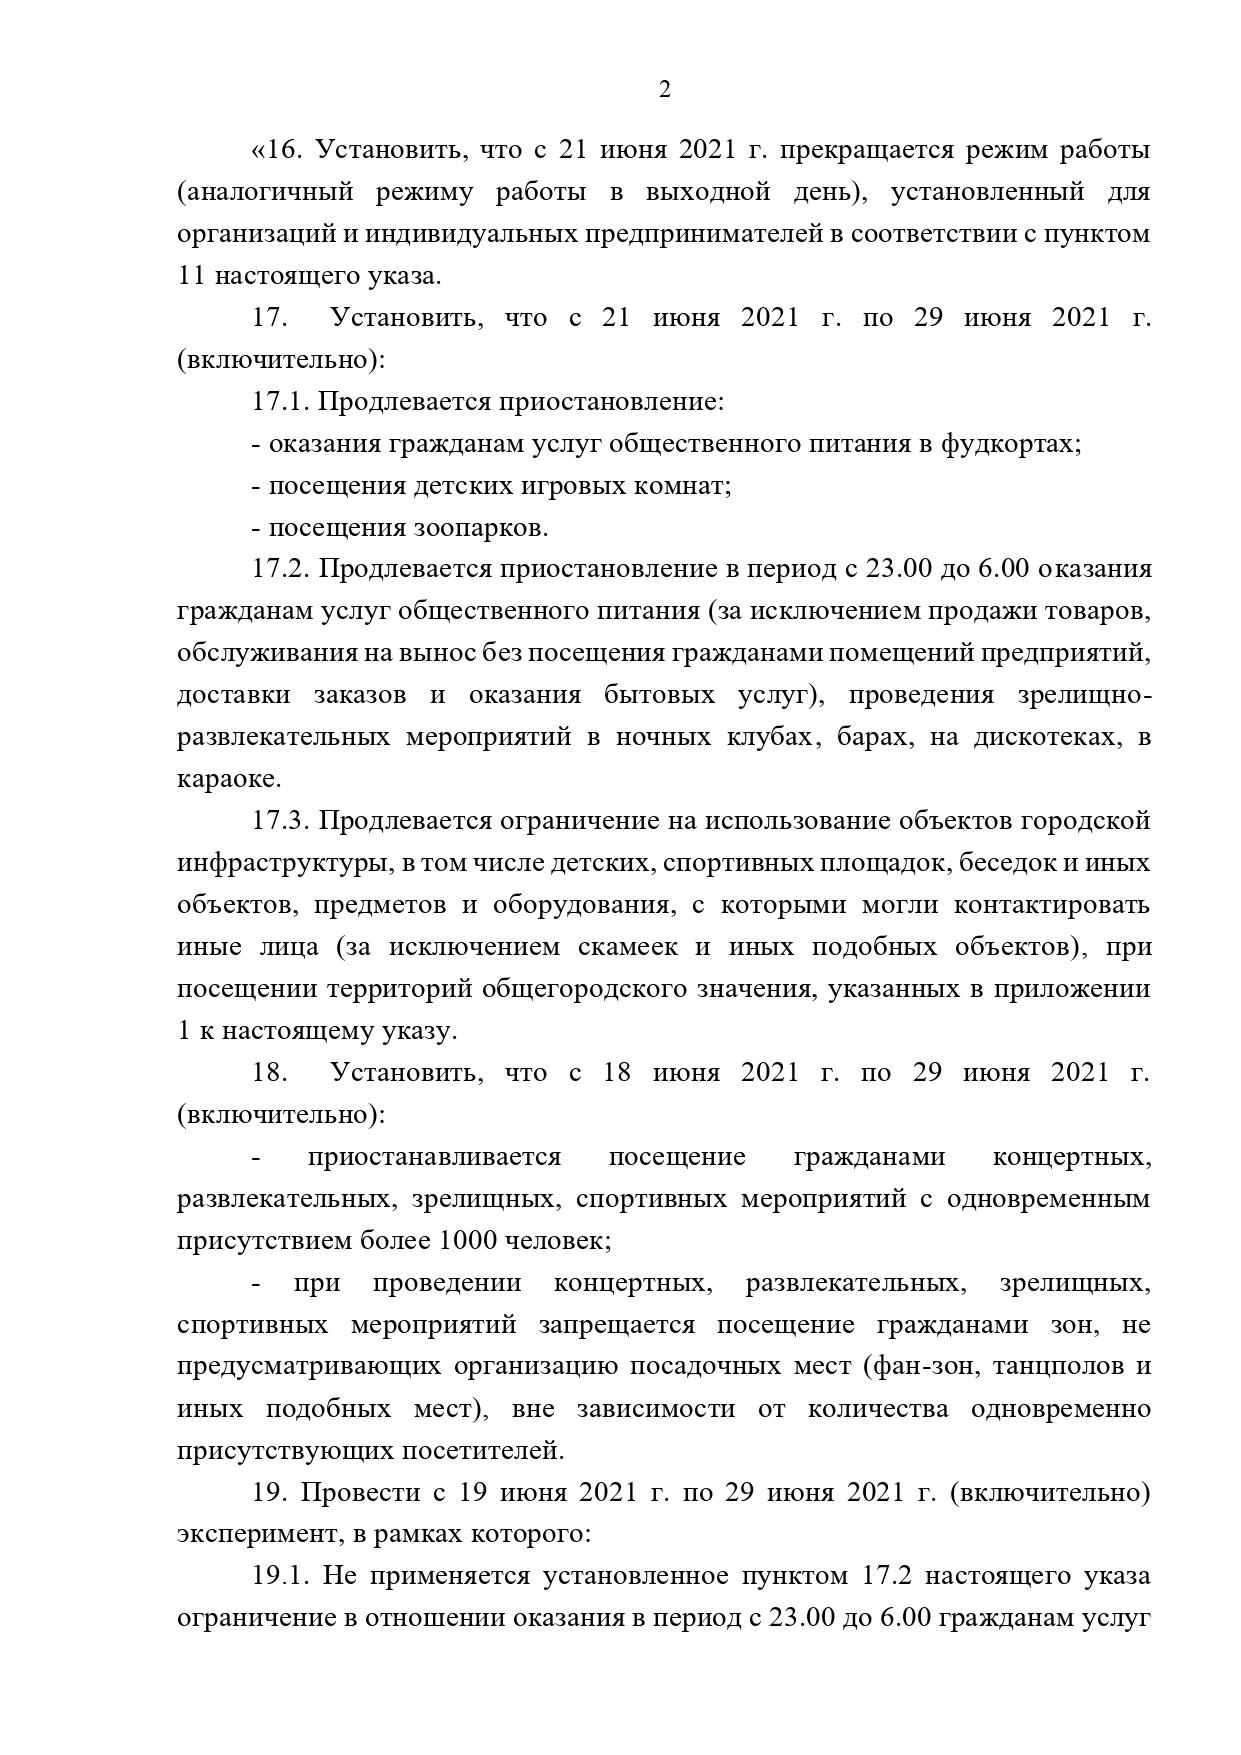 Указ Мэра Москвы Собянина С.С. от 18.06.2021 г. No 33-УМ 2